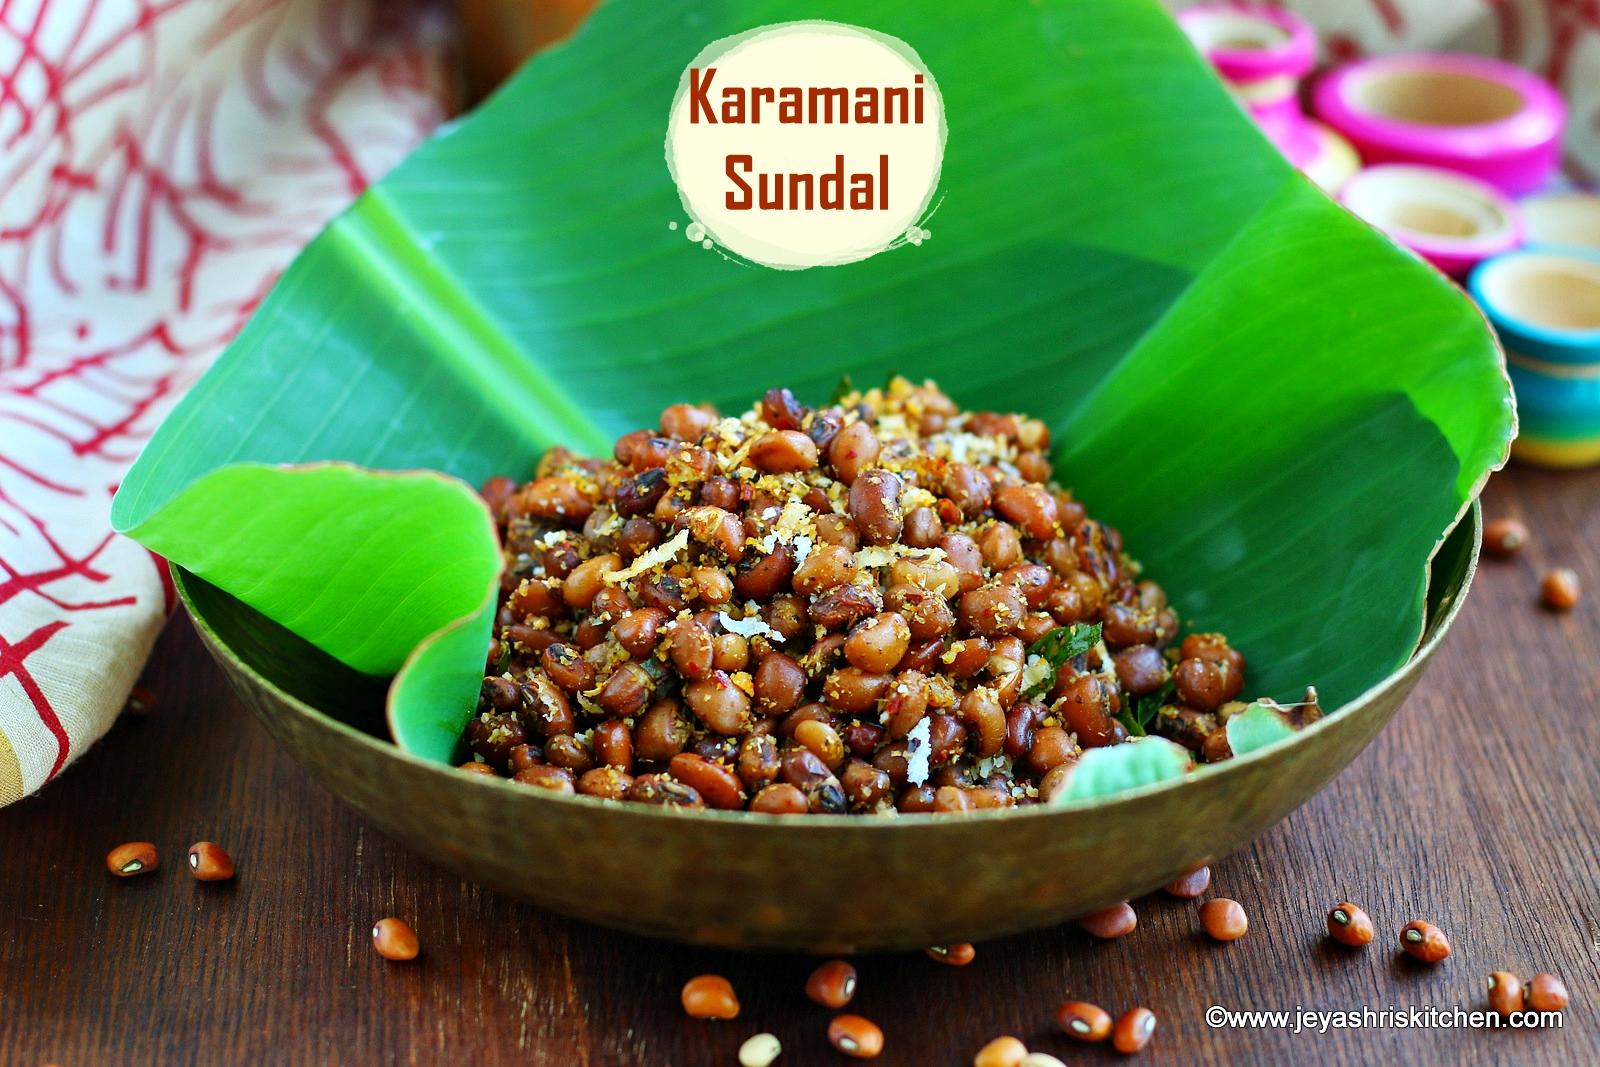 karamani sundal recipe navaratri recipes - Jeyashris Kitchen